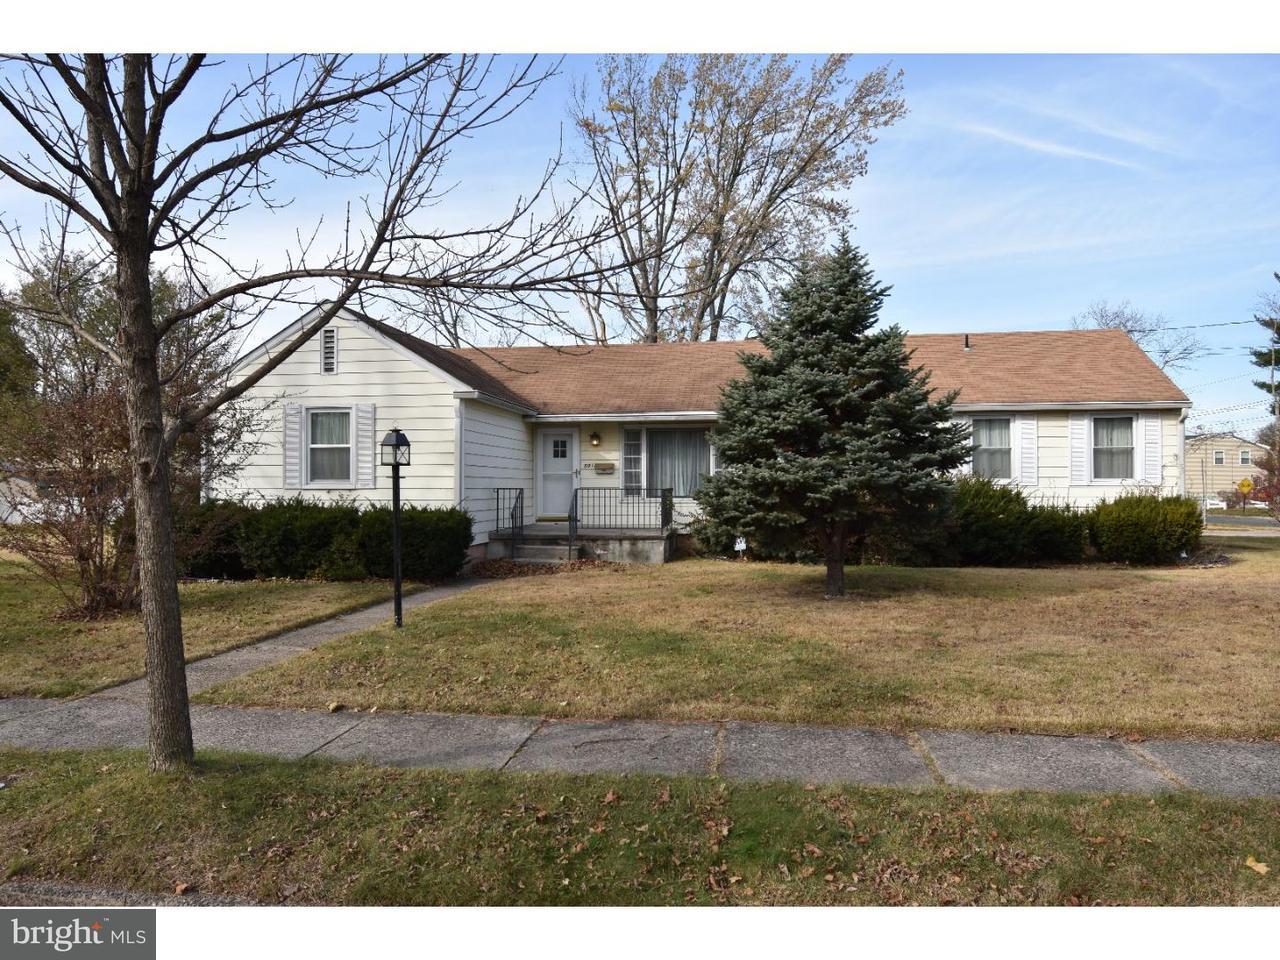 Частный односемейный дом для того Продажа на 501 W 2ND Street Palmyra, Нью-Джерси 08065 Соединенные Штаты